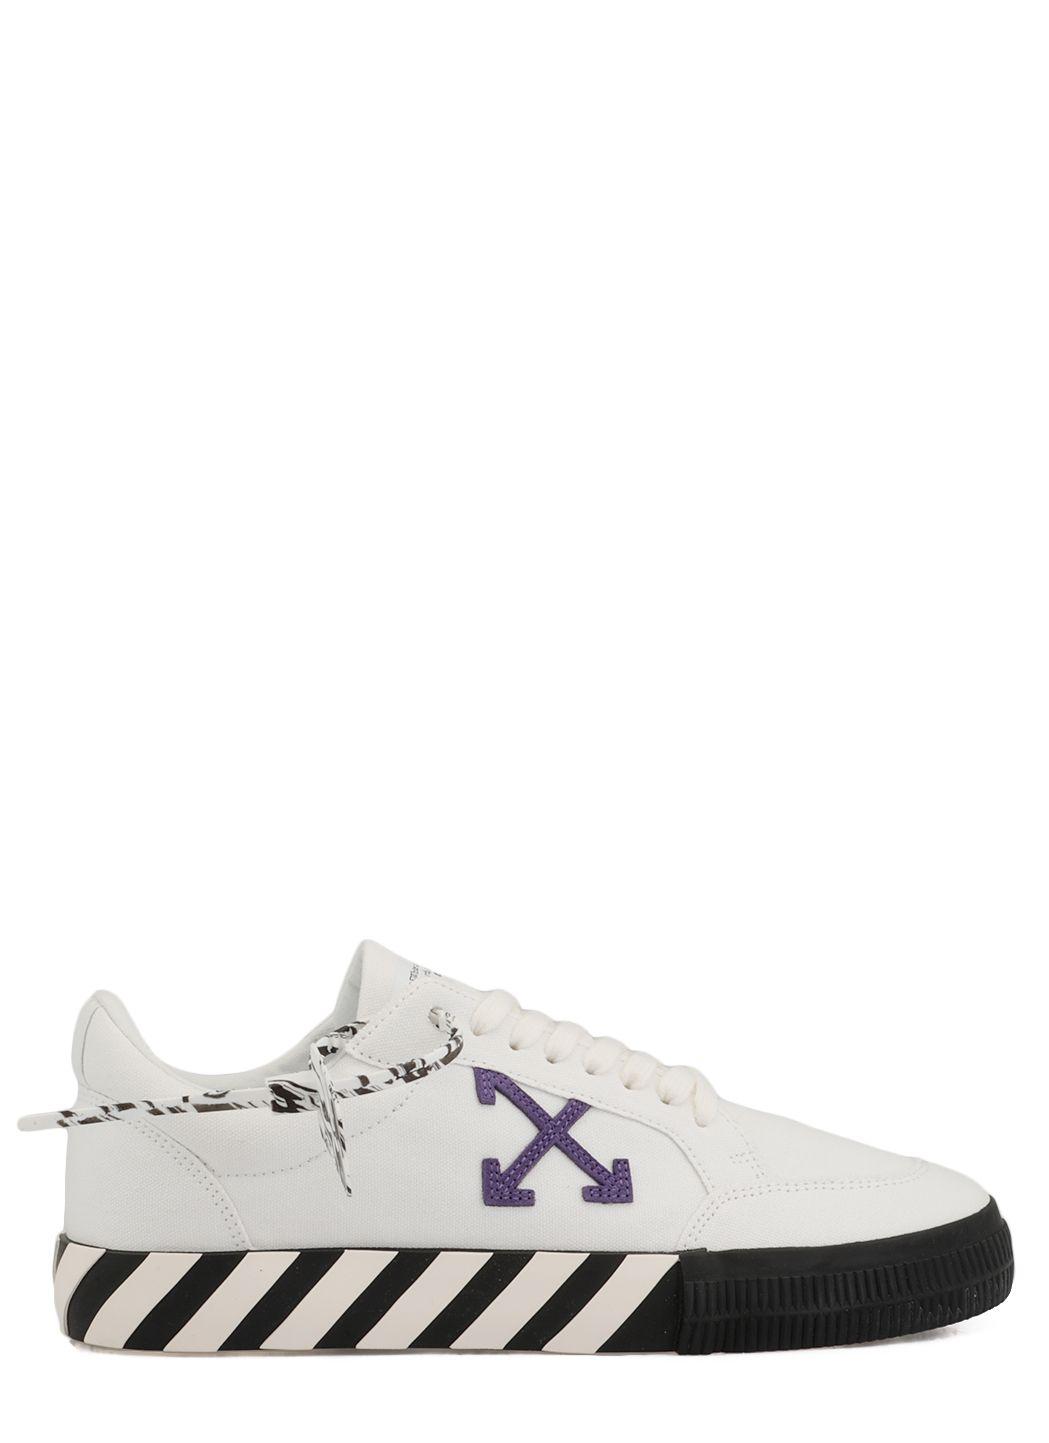 Low Top Vulcanized Sneaker